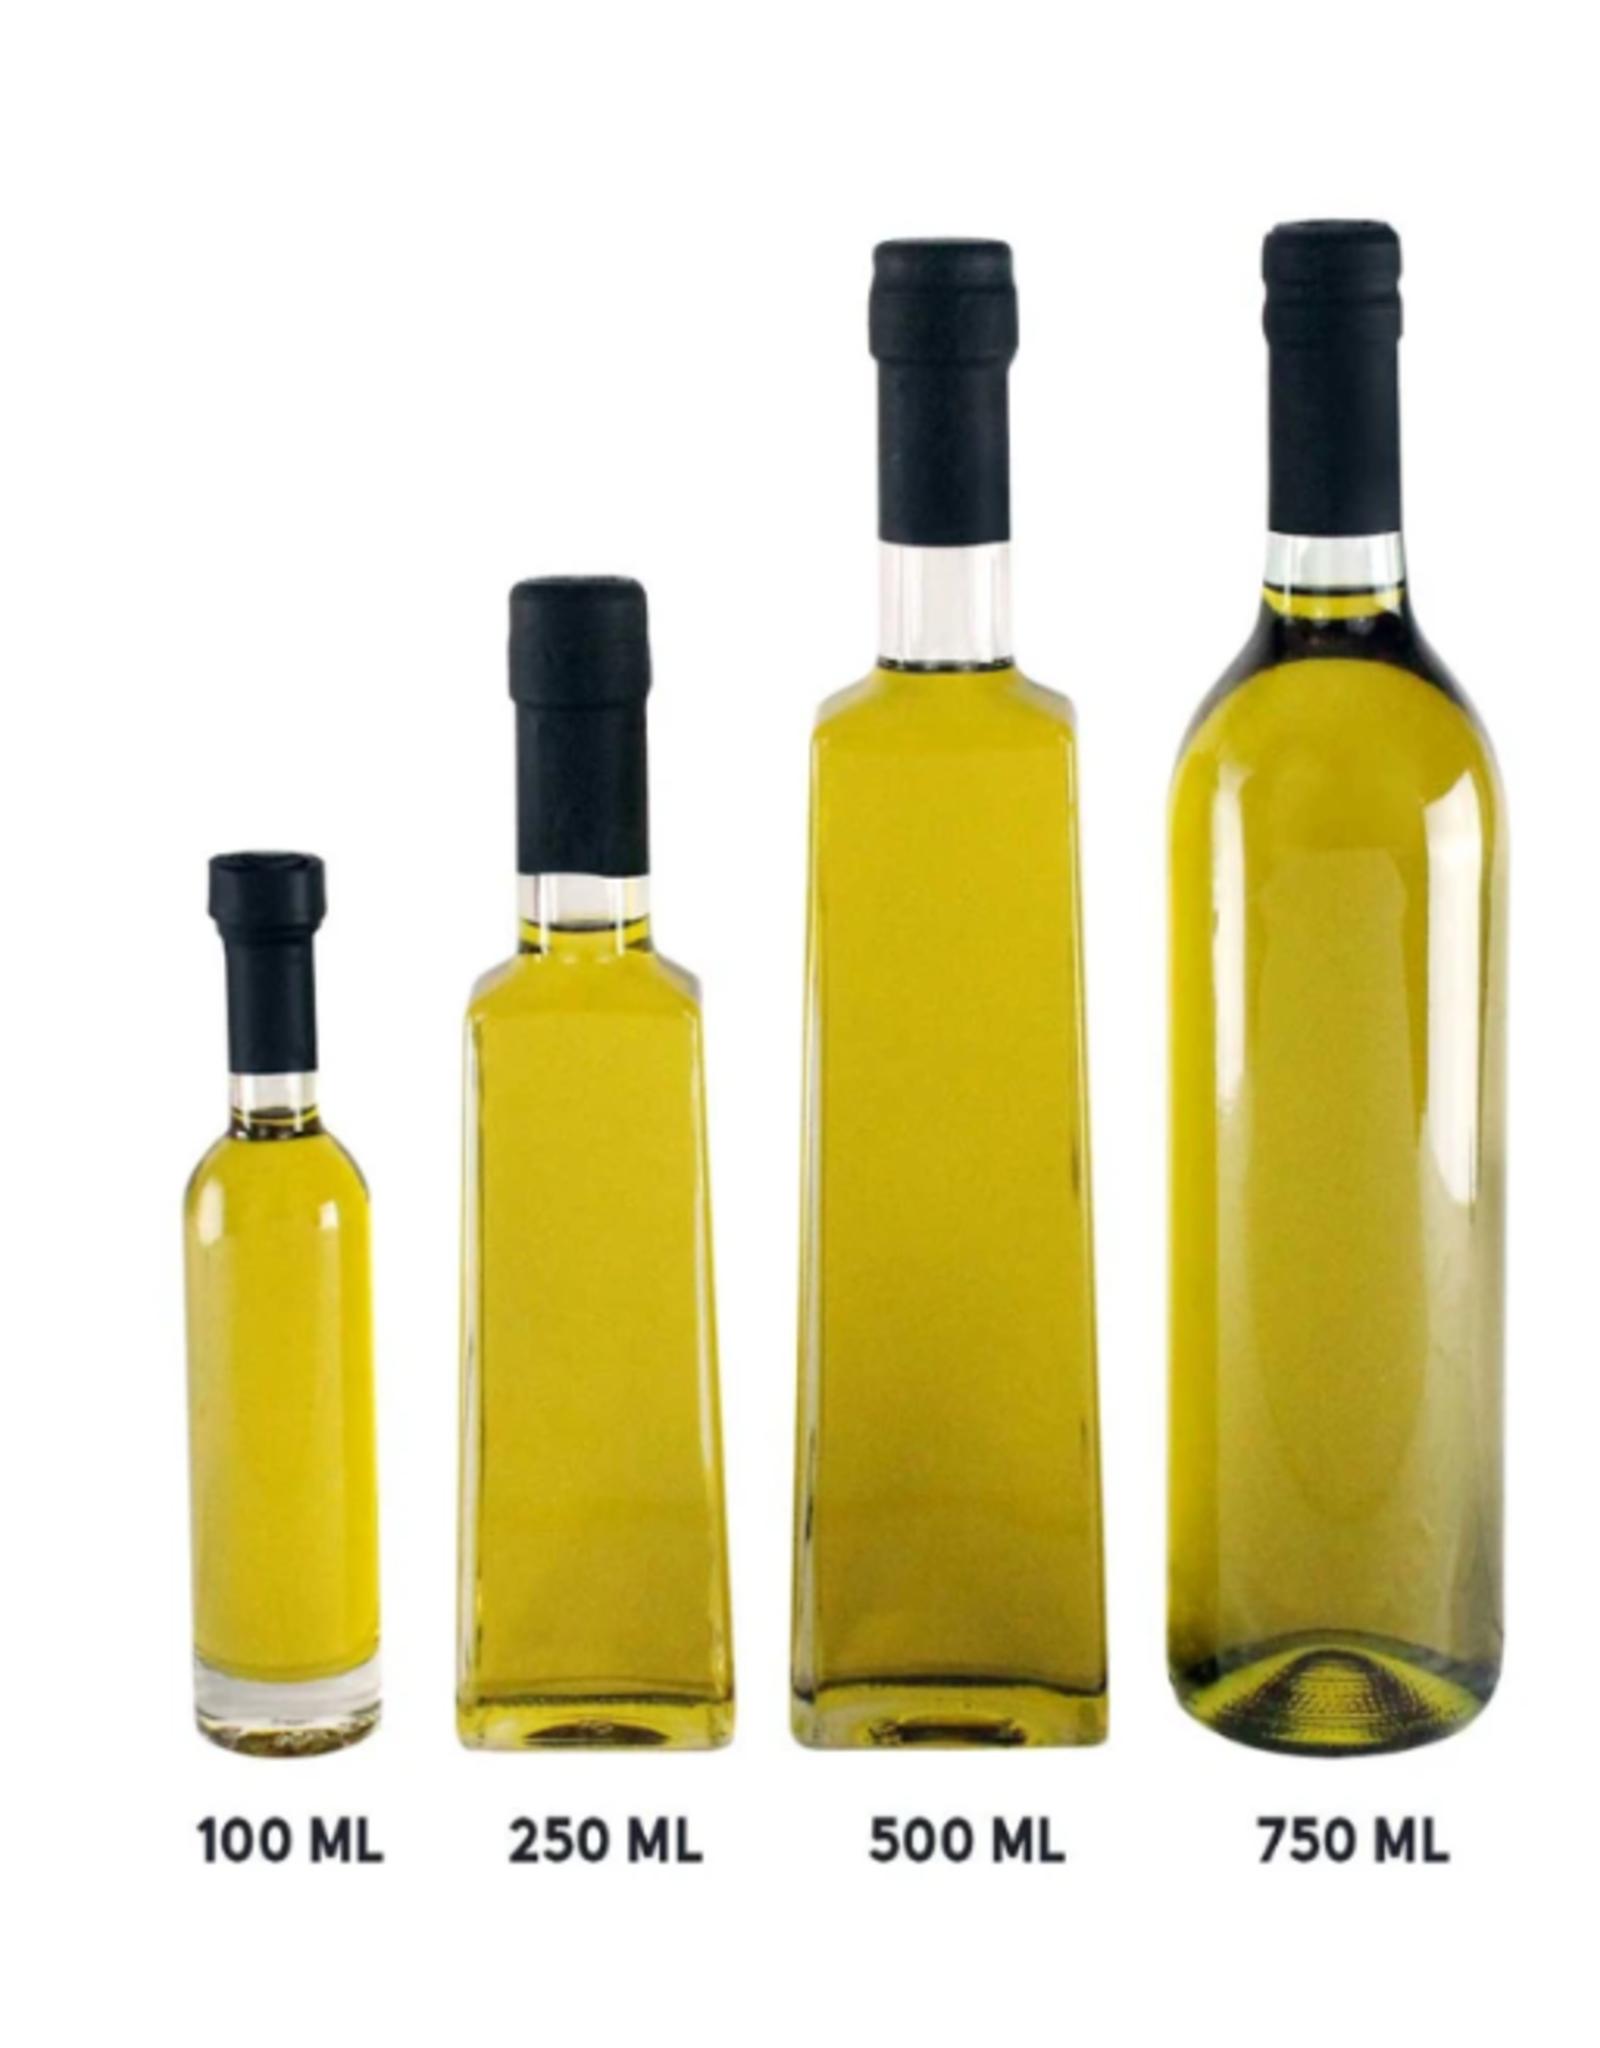 Olivelle Garlic & Herb Olive Oil